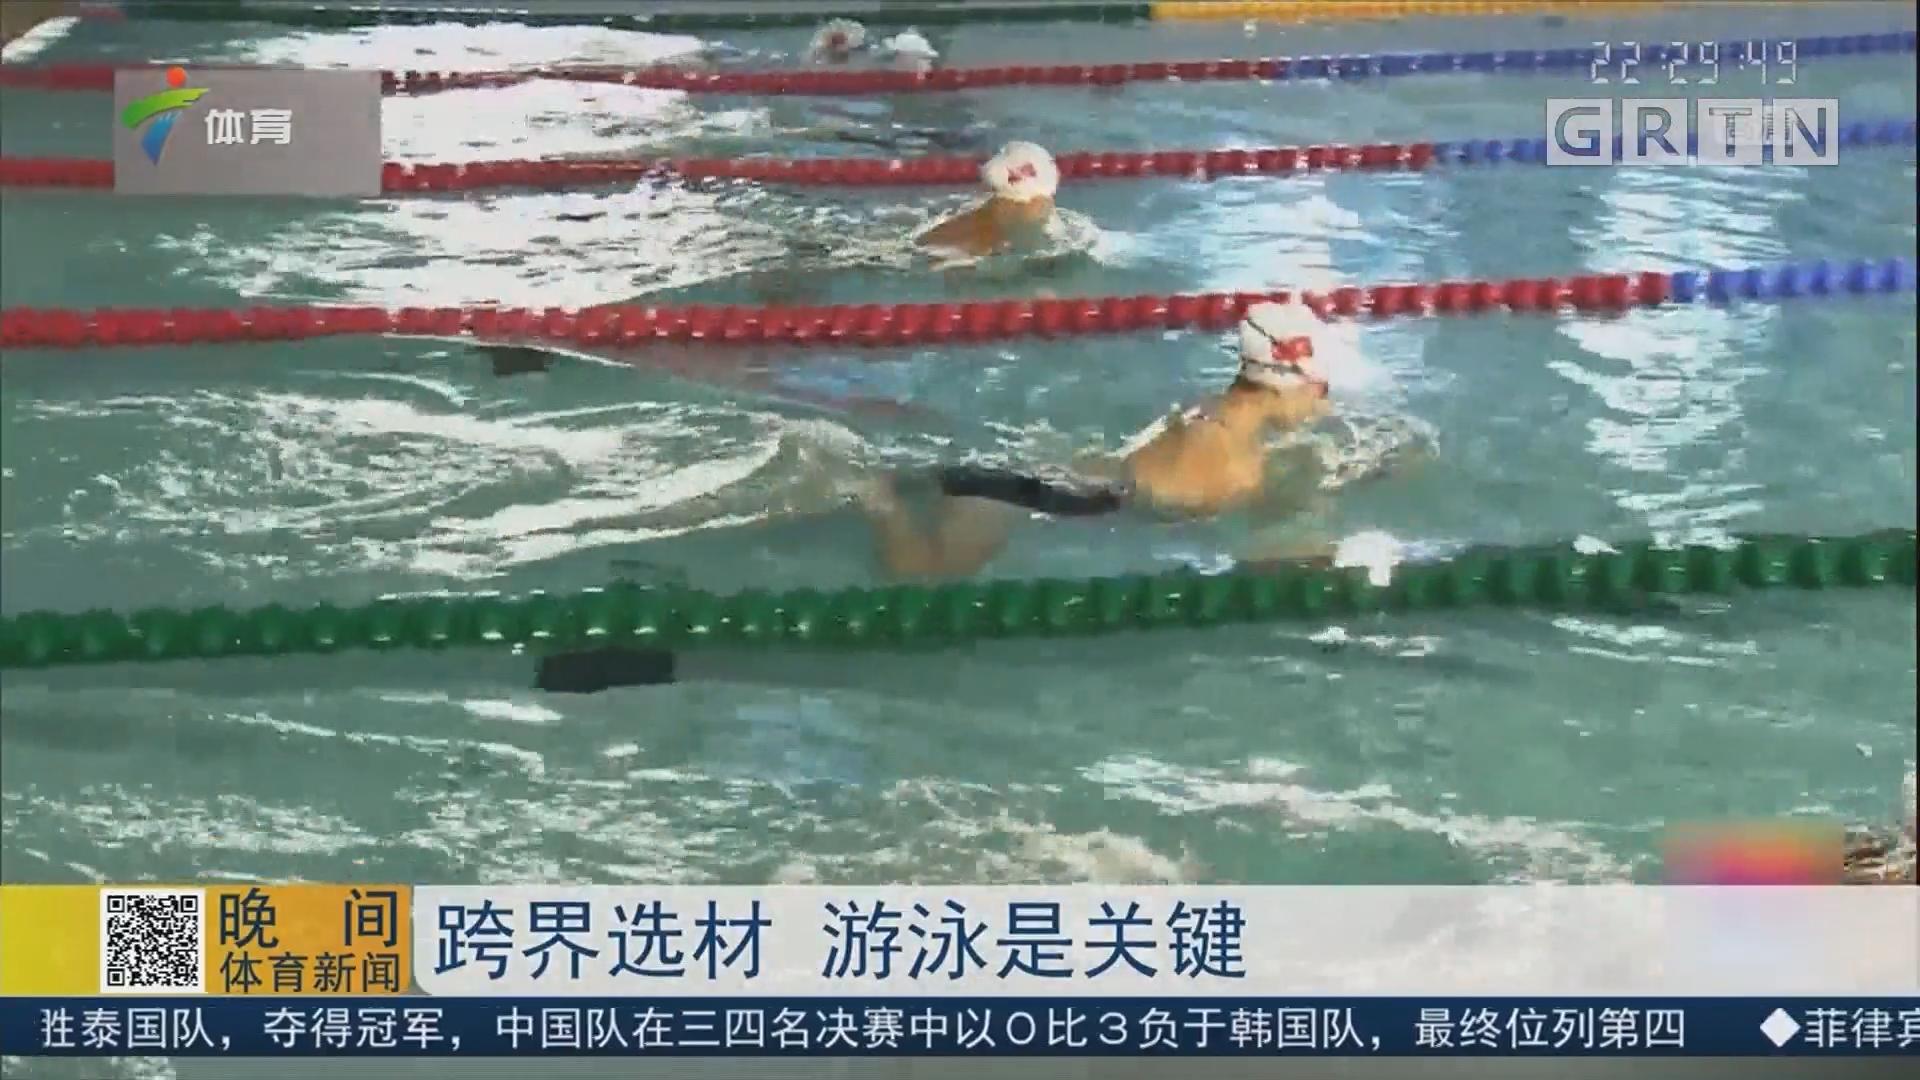 跨界选材 游泳是关键